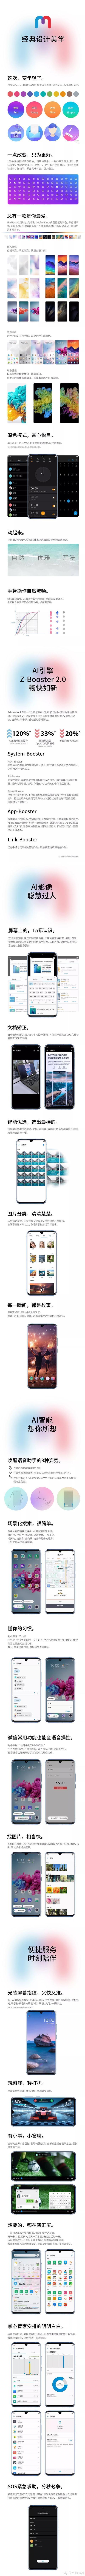 中兴智能手机操作系统MiFavor 10发布 小米电视4A 70英寸降价促销